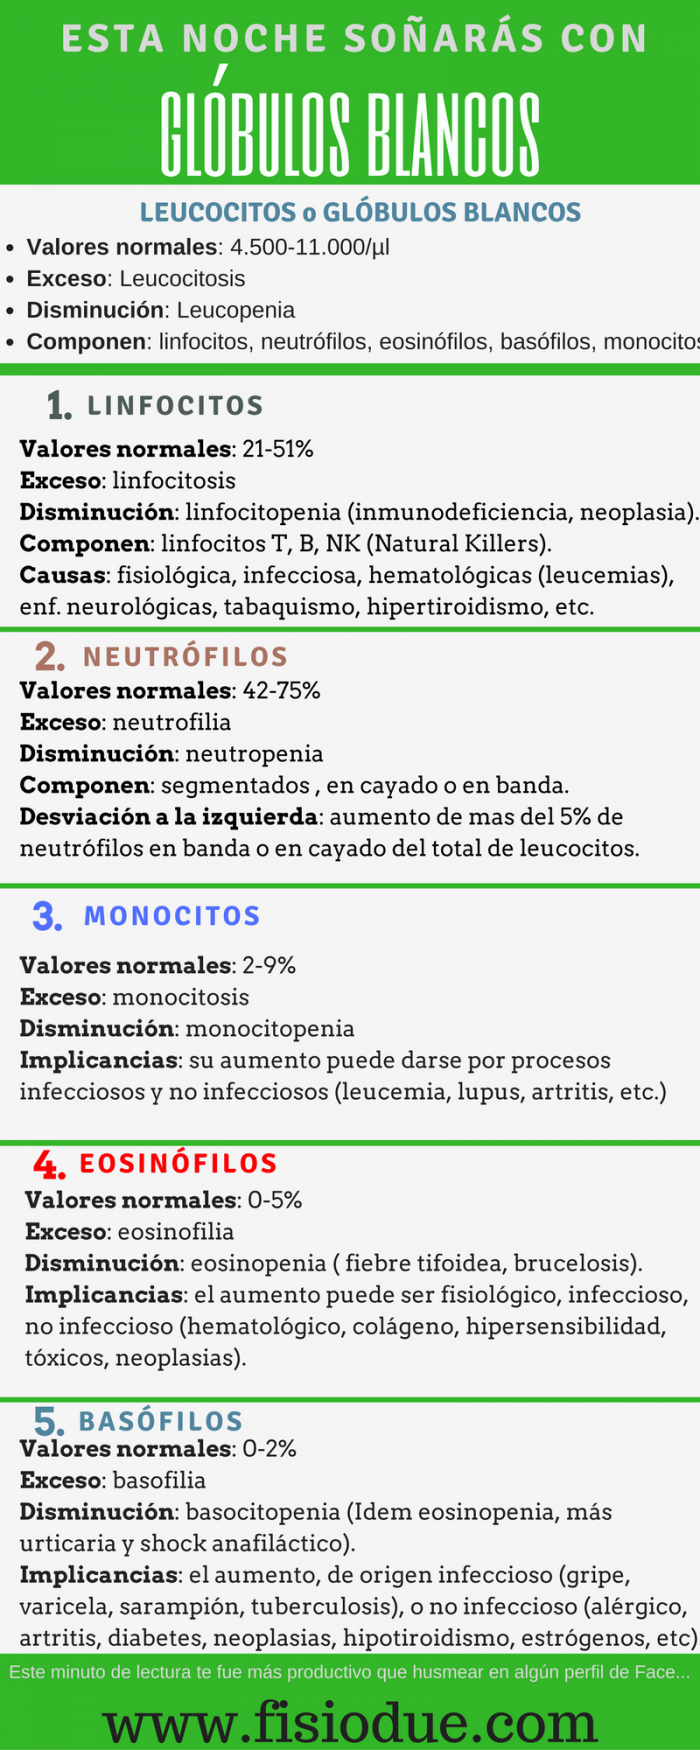 Leucocitos o Serie Blanca. Alteraciones y Causas. | Fisiodue